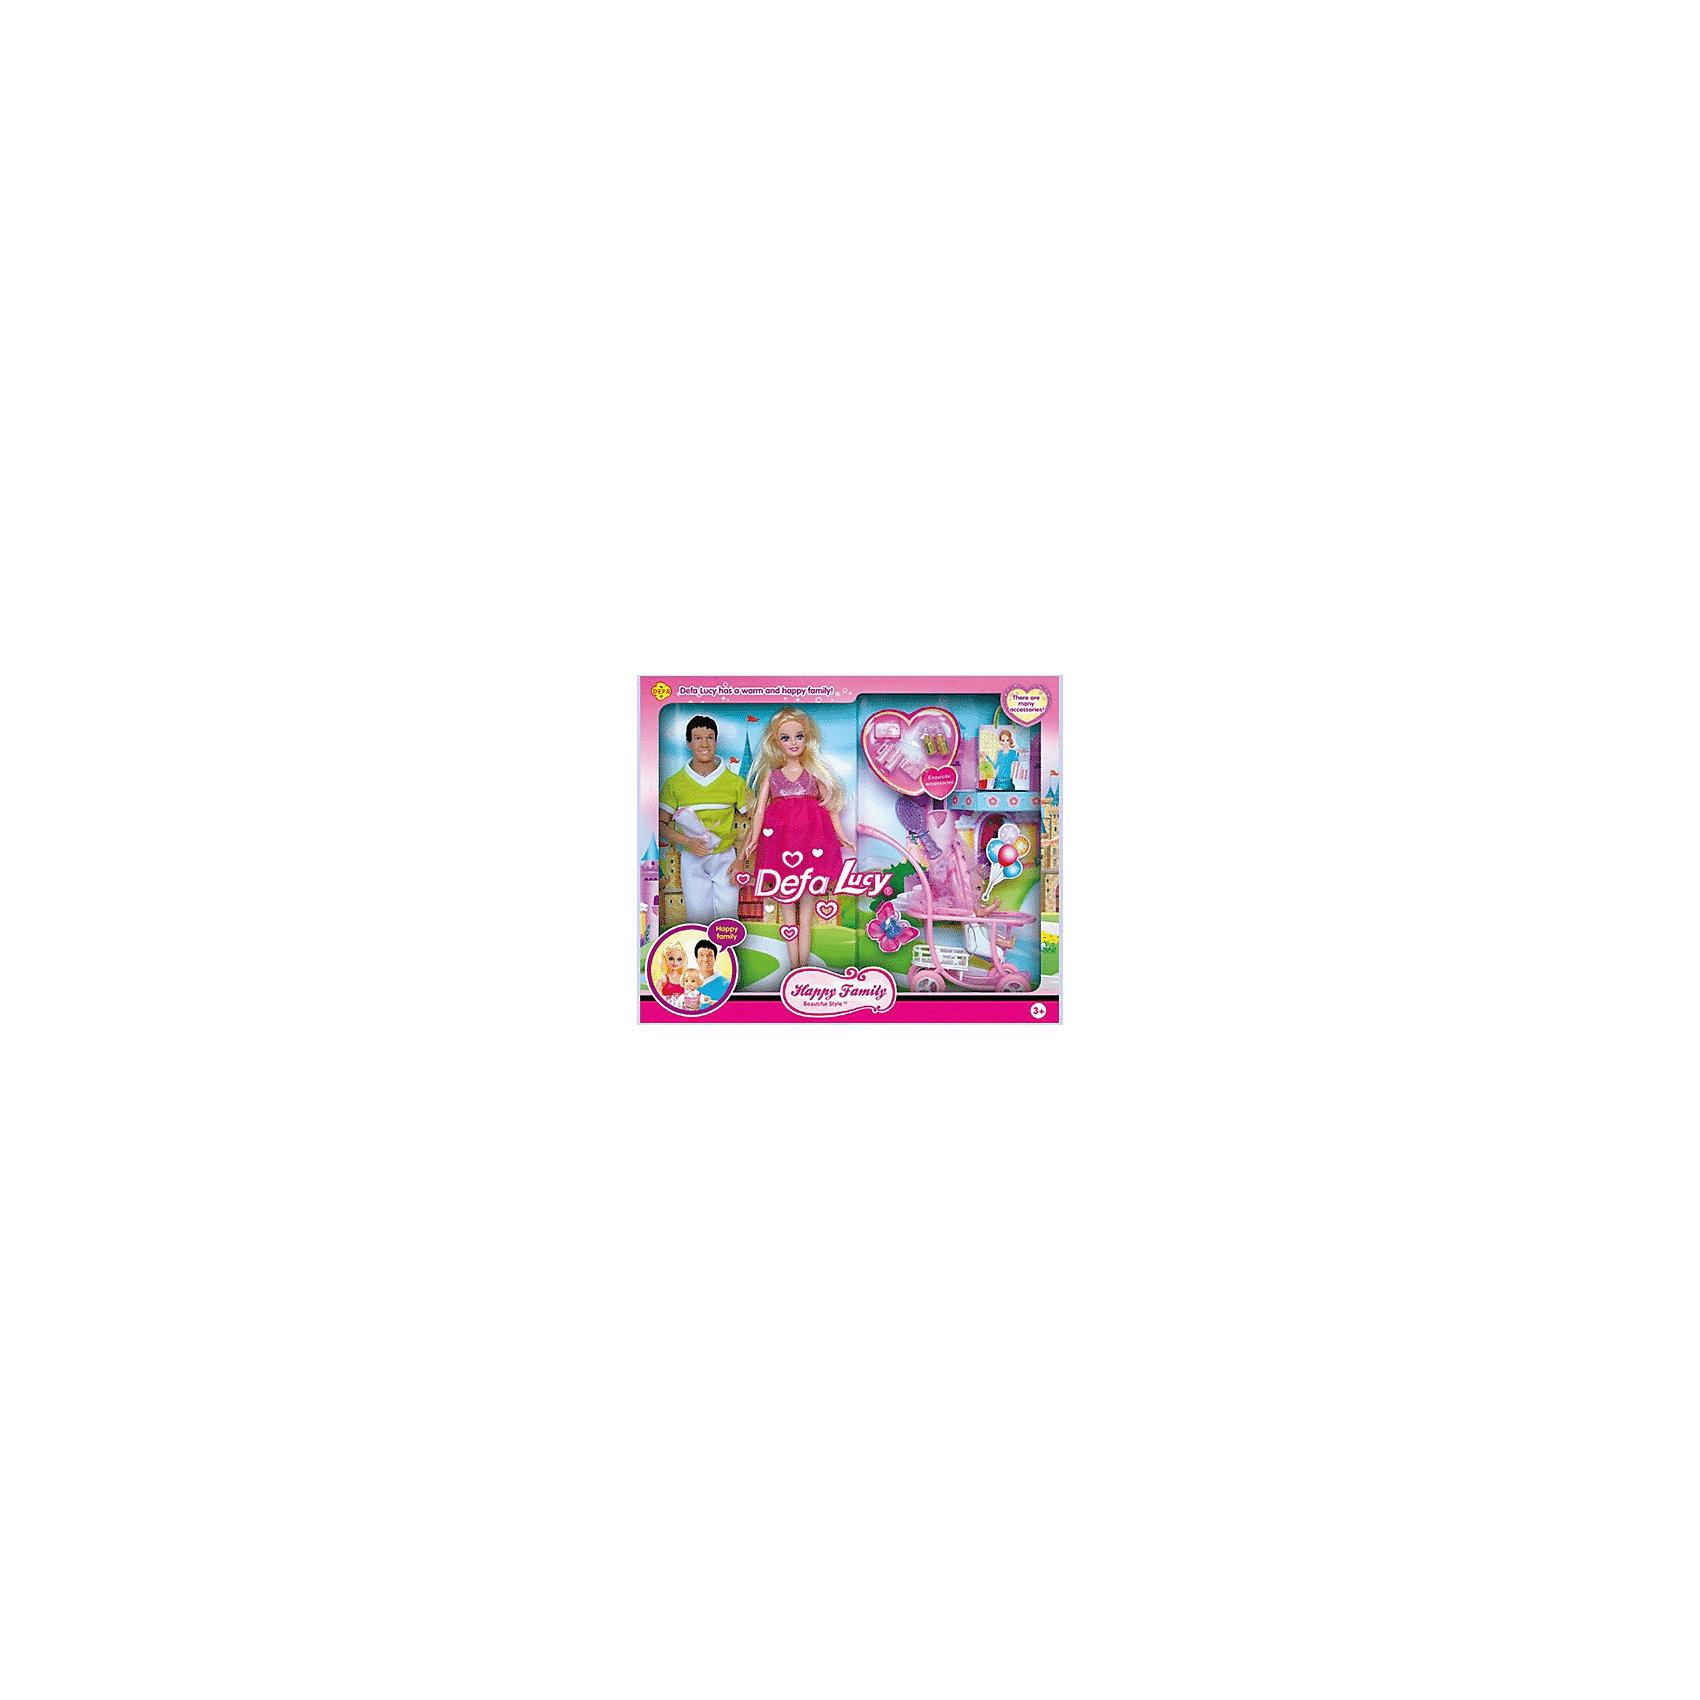 Набор Счастливая семья: куклы с аксессуарами, DefaКукла из серии Defa - отличный подарок вашему ребенку,т.к. эти чудесные девочки не могу оставить равнодушным. Набор из 3-х кукол Счастливая семья: беременная мама (съёмный живот) с аксессуарами.<br><br>Ширина мм: 65<br>Глубина мм: 410<br>Высота мм: 340<br>Вес г: 65<br>Возраст от месяцев: 36<br>Возраст до месяцев: 132<br>Пол: Женский<br>Возраст: Детский<br>SKU: 4801668